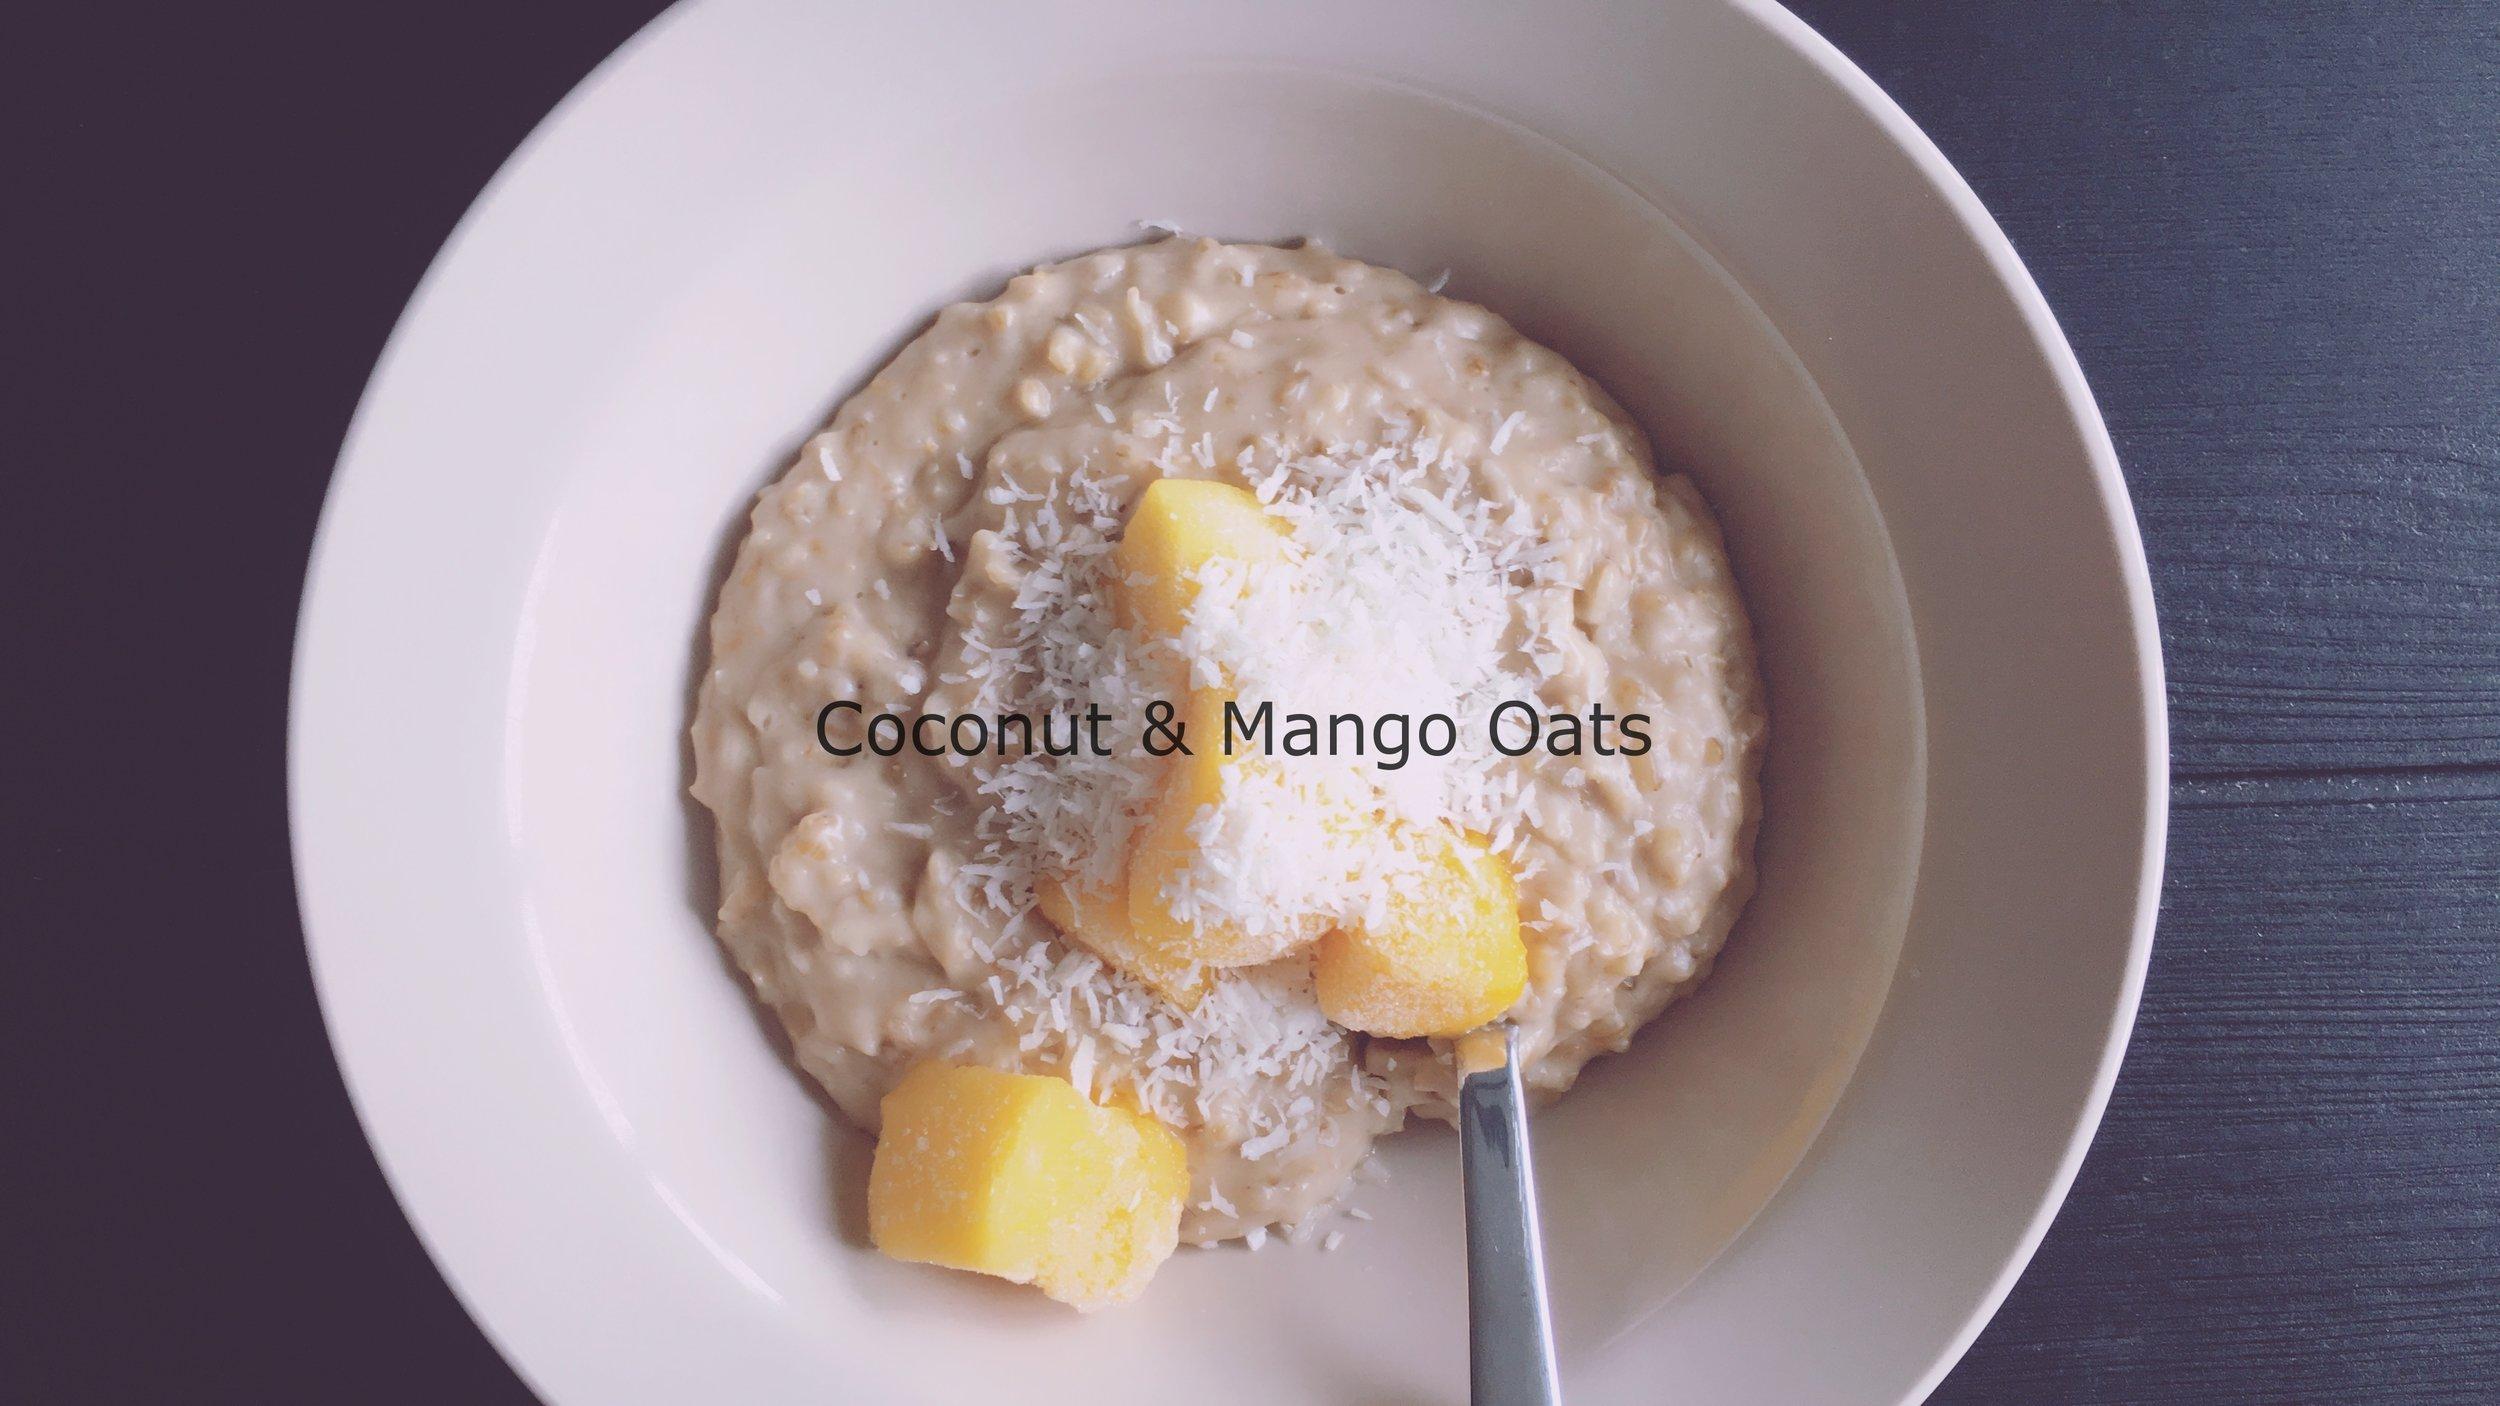 Gallery - Mango Coconut Oats.jpg